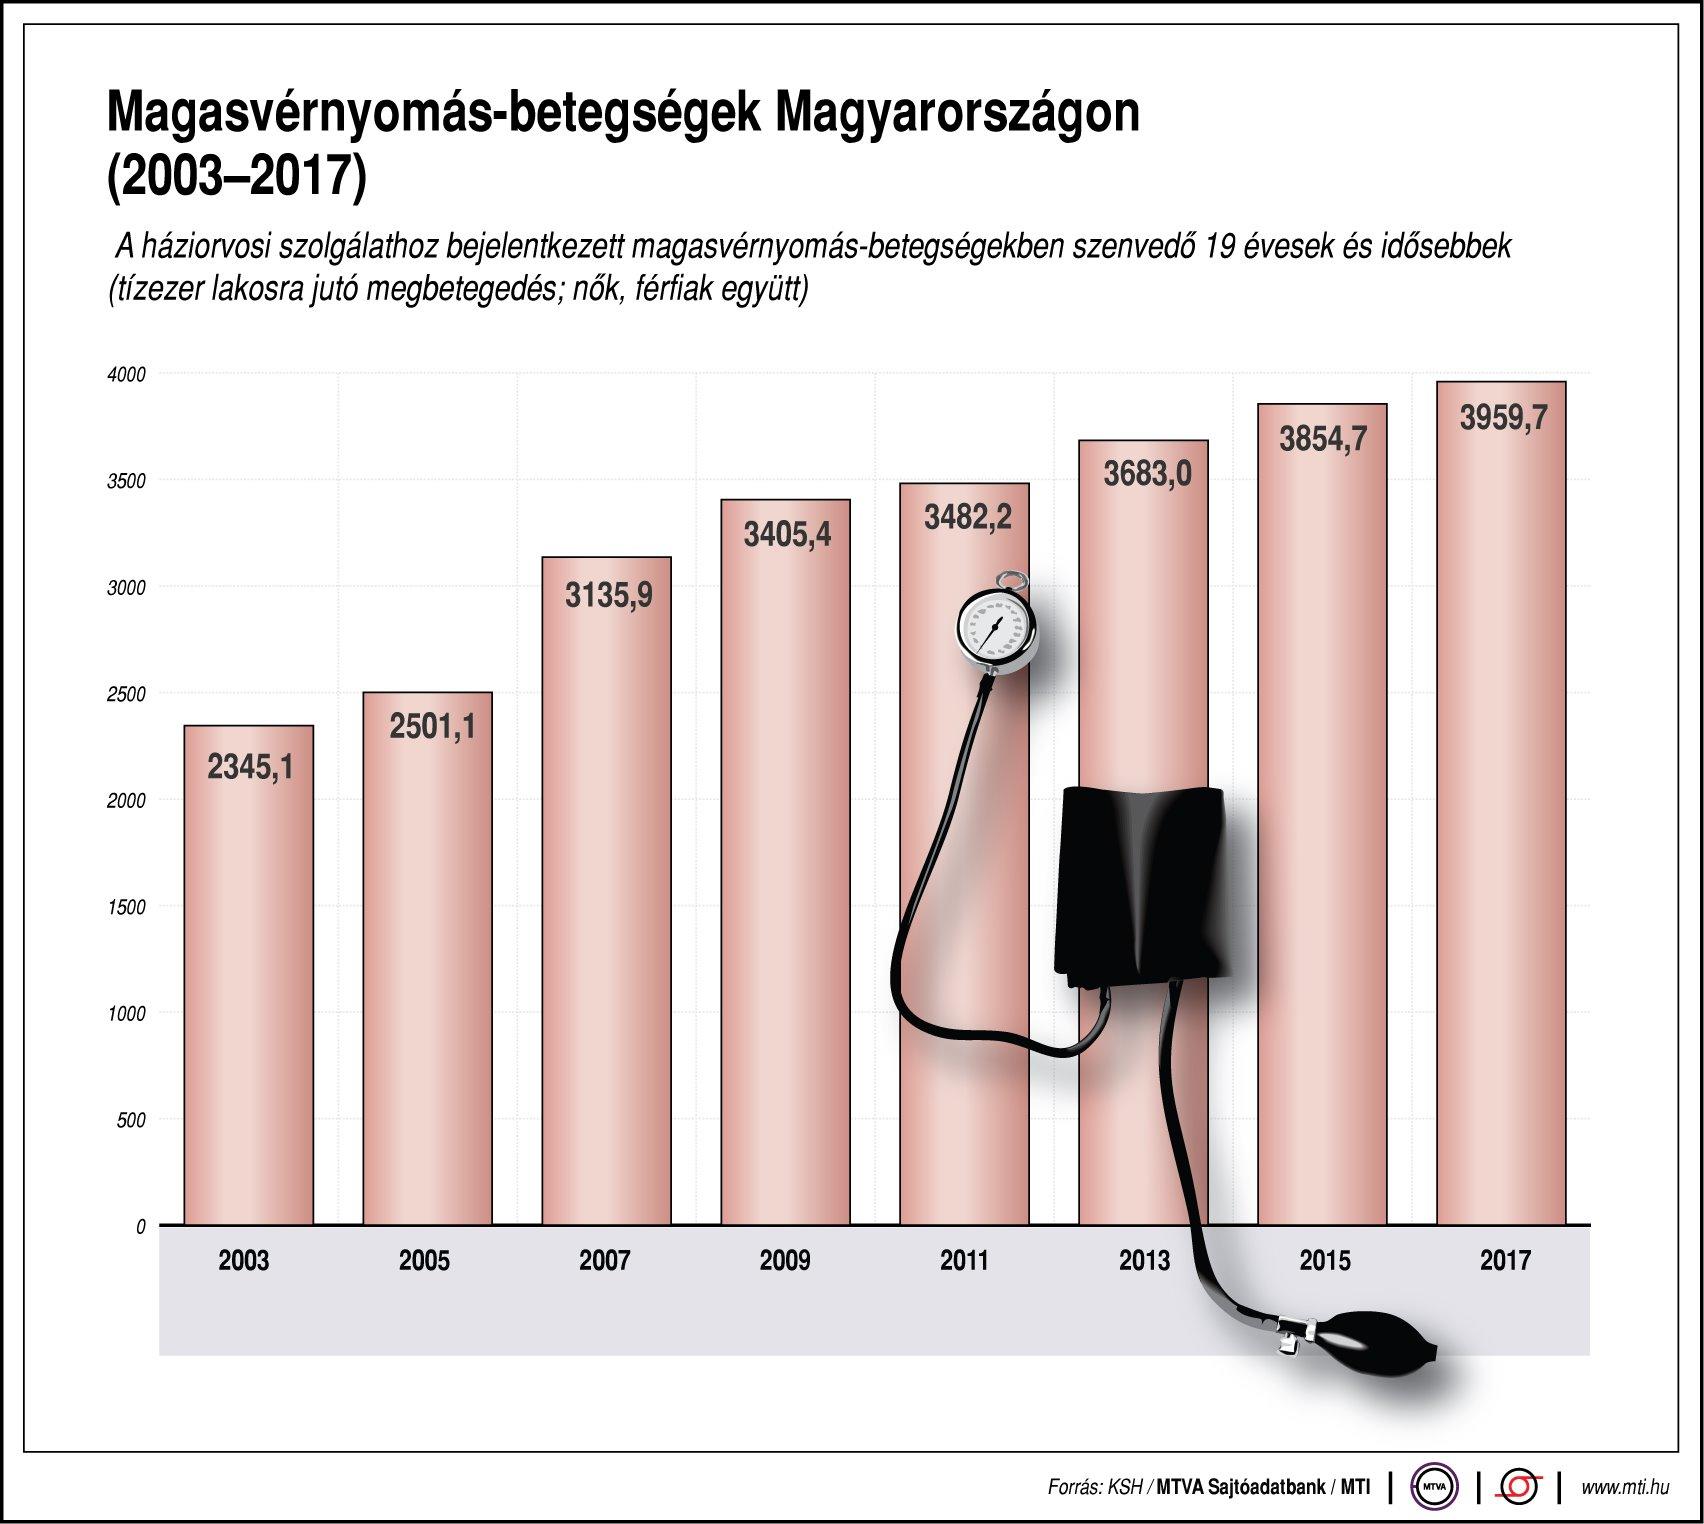 a magas vérnyomásban szenvedők száma a magas vérnyomás elemzésének diagnosztikája